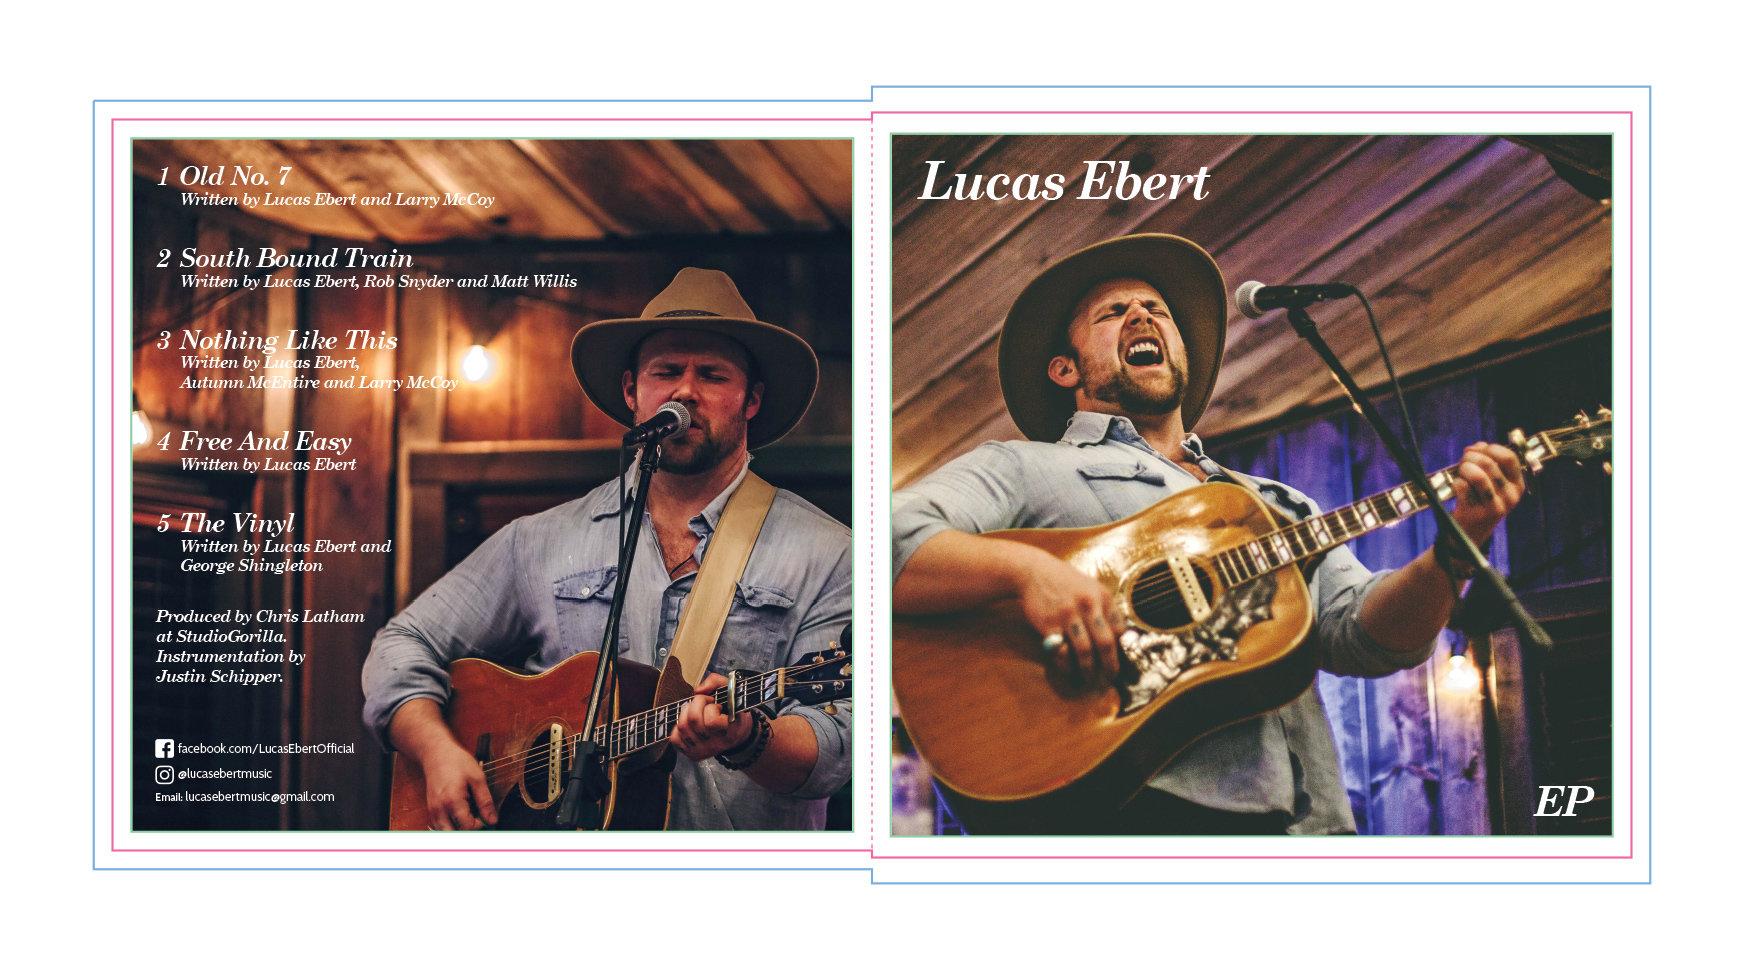 Lucas Ebert EP 888295730679